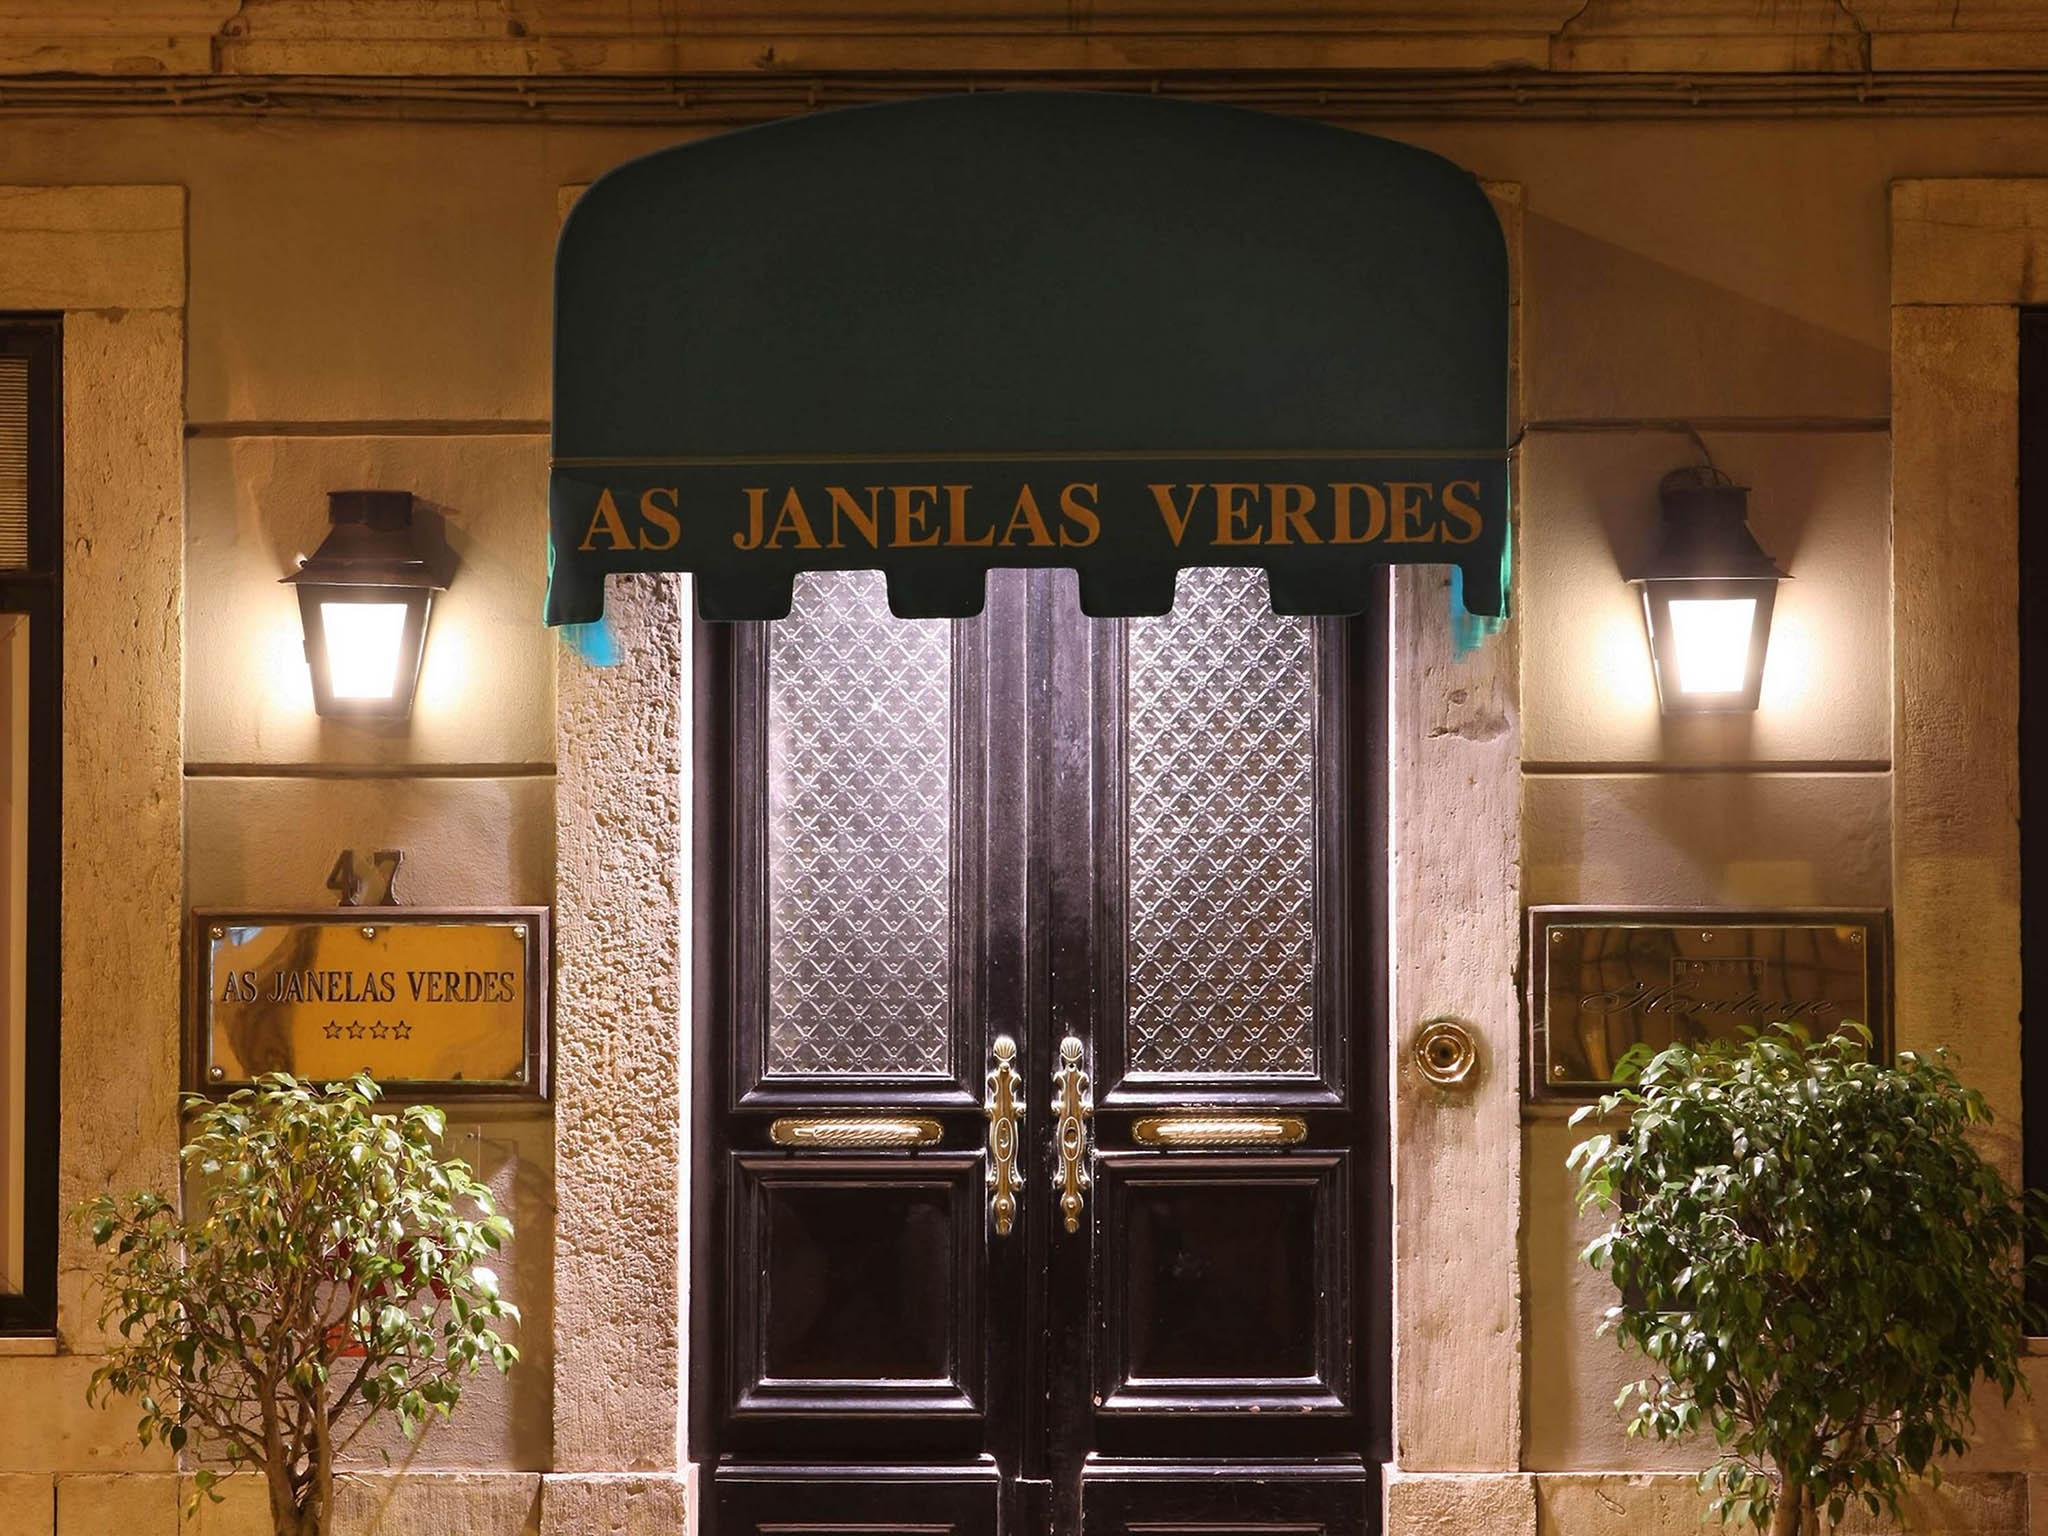 #9E692D Hotel em LISBON As Janelas Verdes Boutique Hotel 702 Janelas Verdes Lisbon